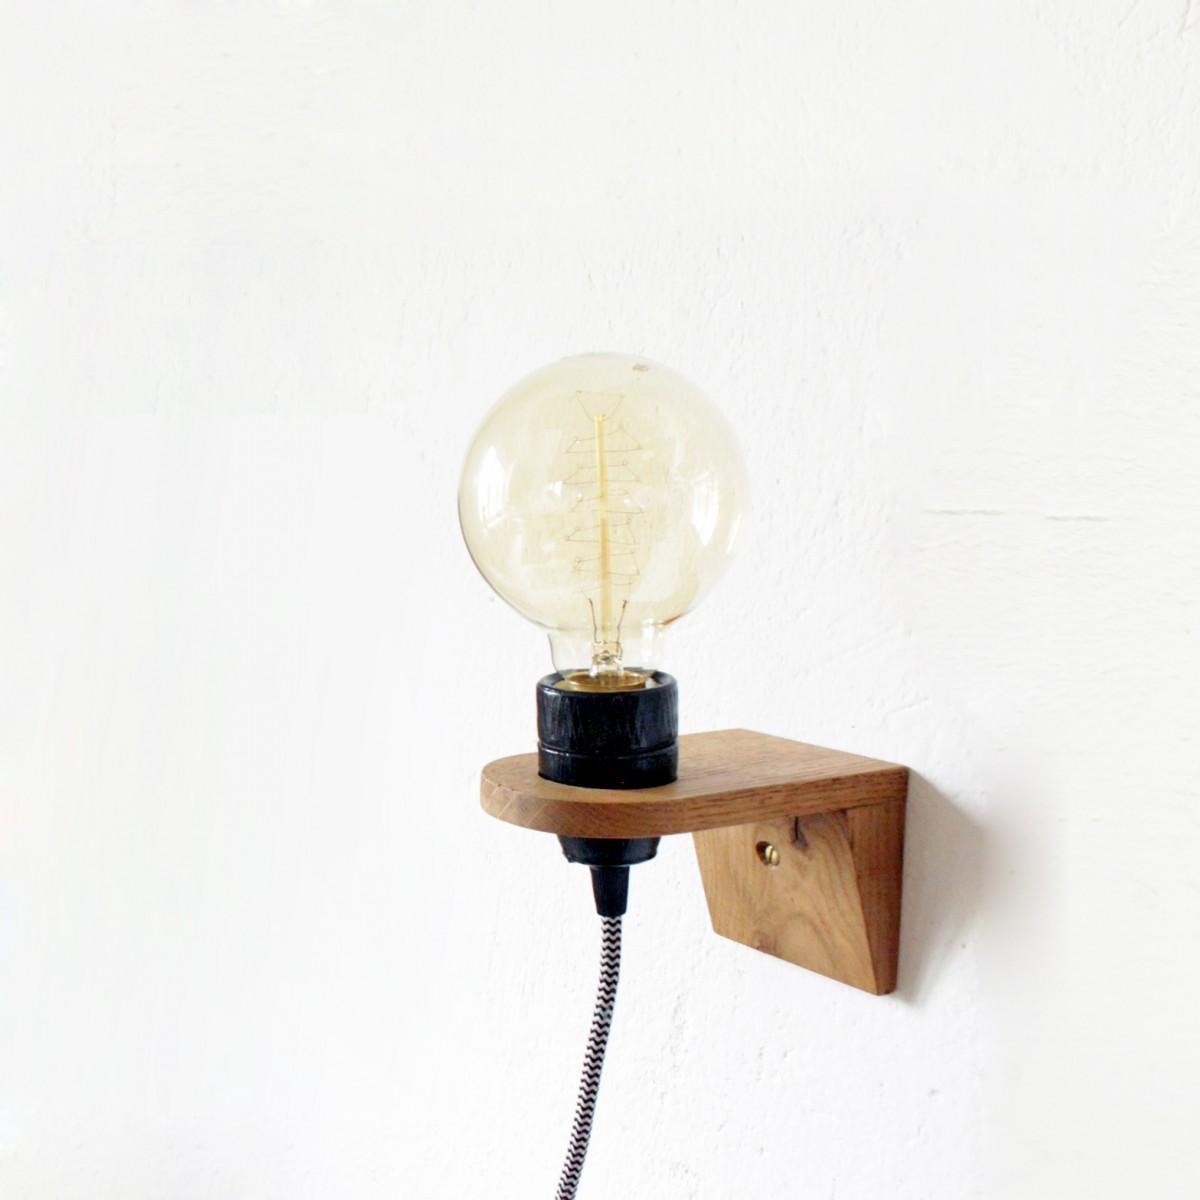 WANDLAMPE VLO / Schwarz Porzellan Fassung &  Wandhalterung aus Eiche